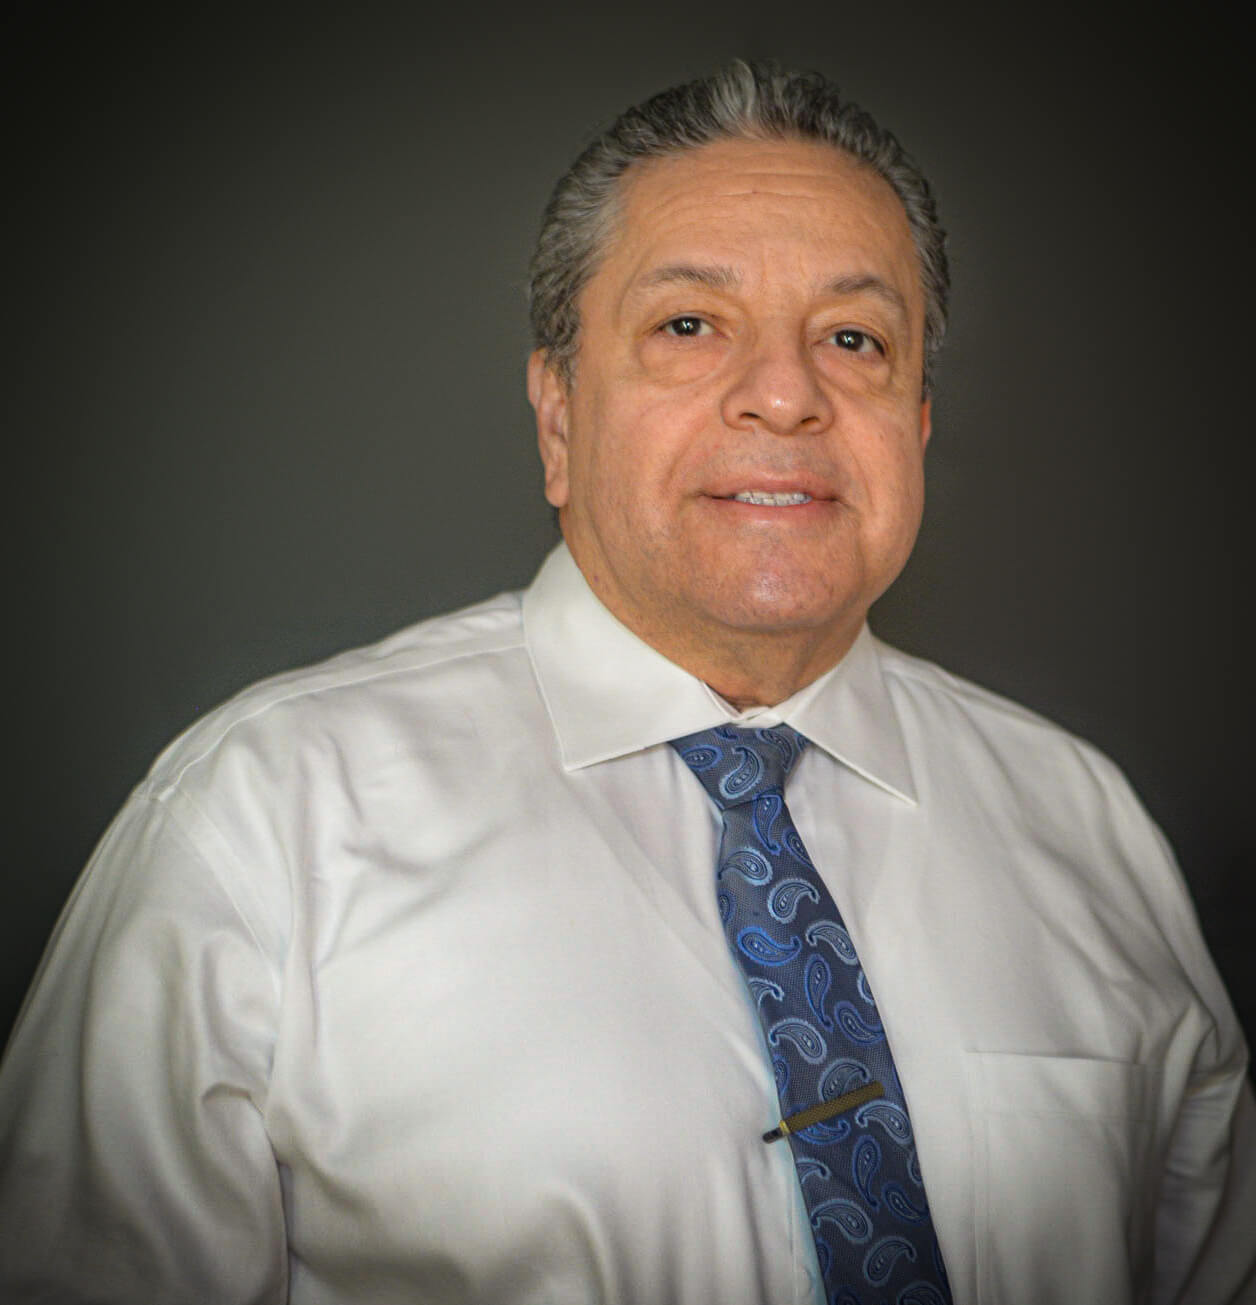 Oscar E. Galvis